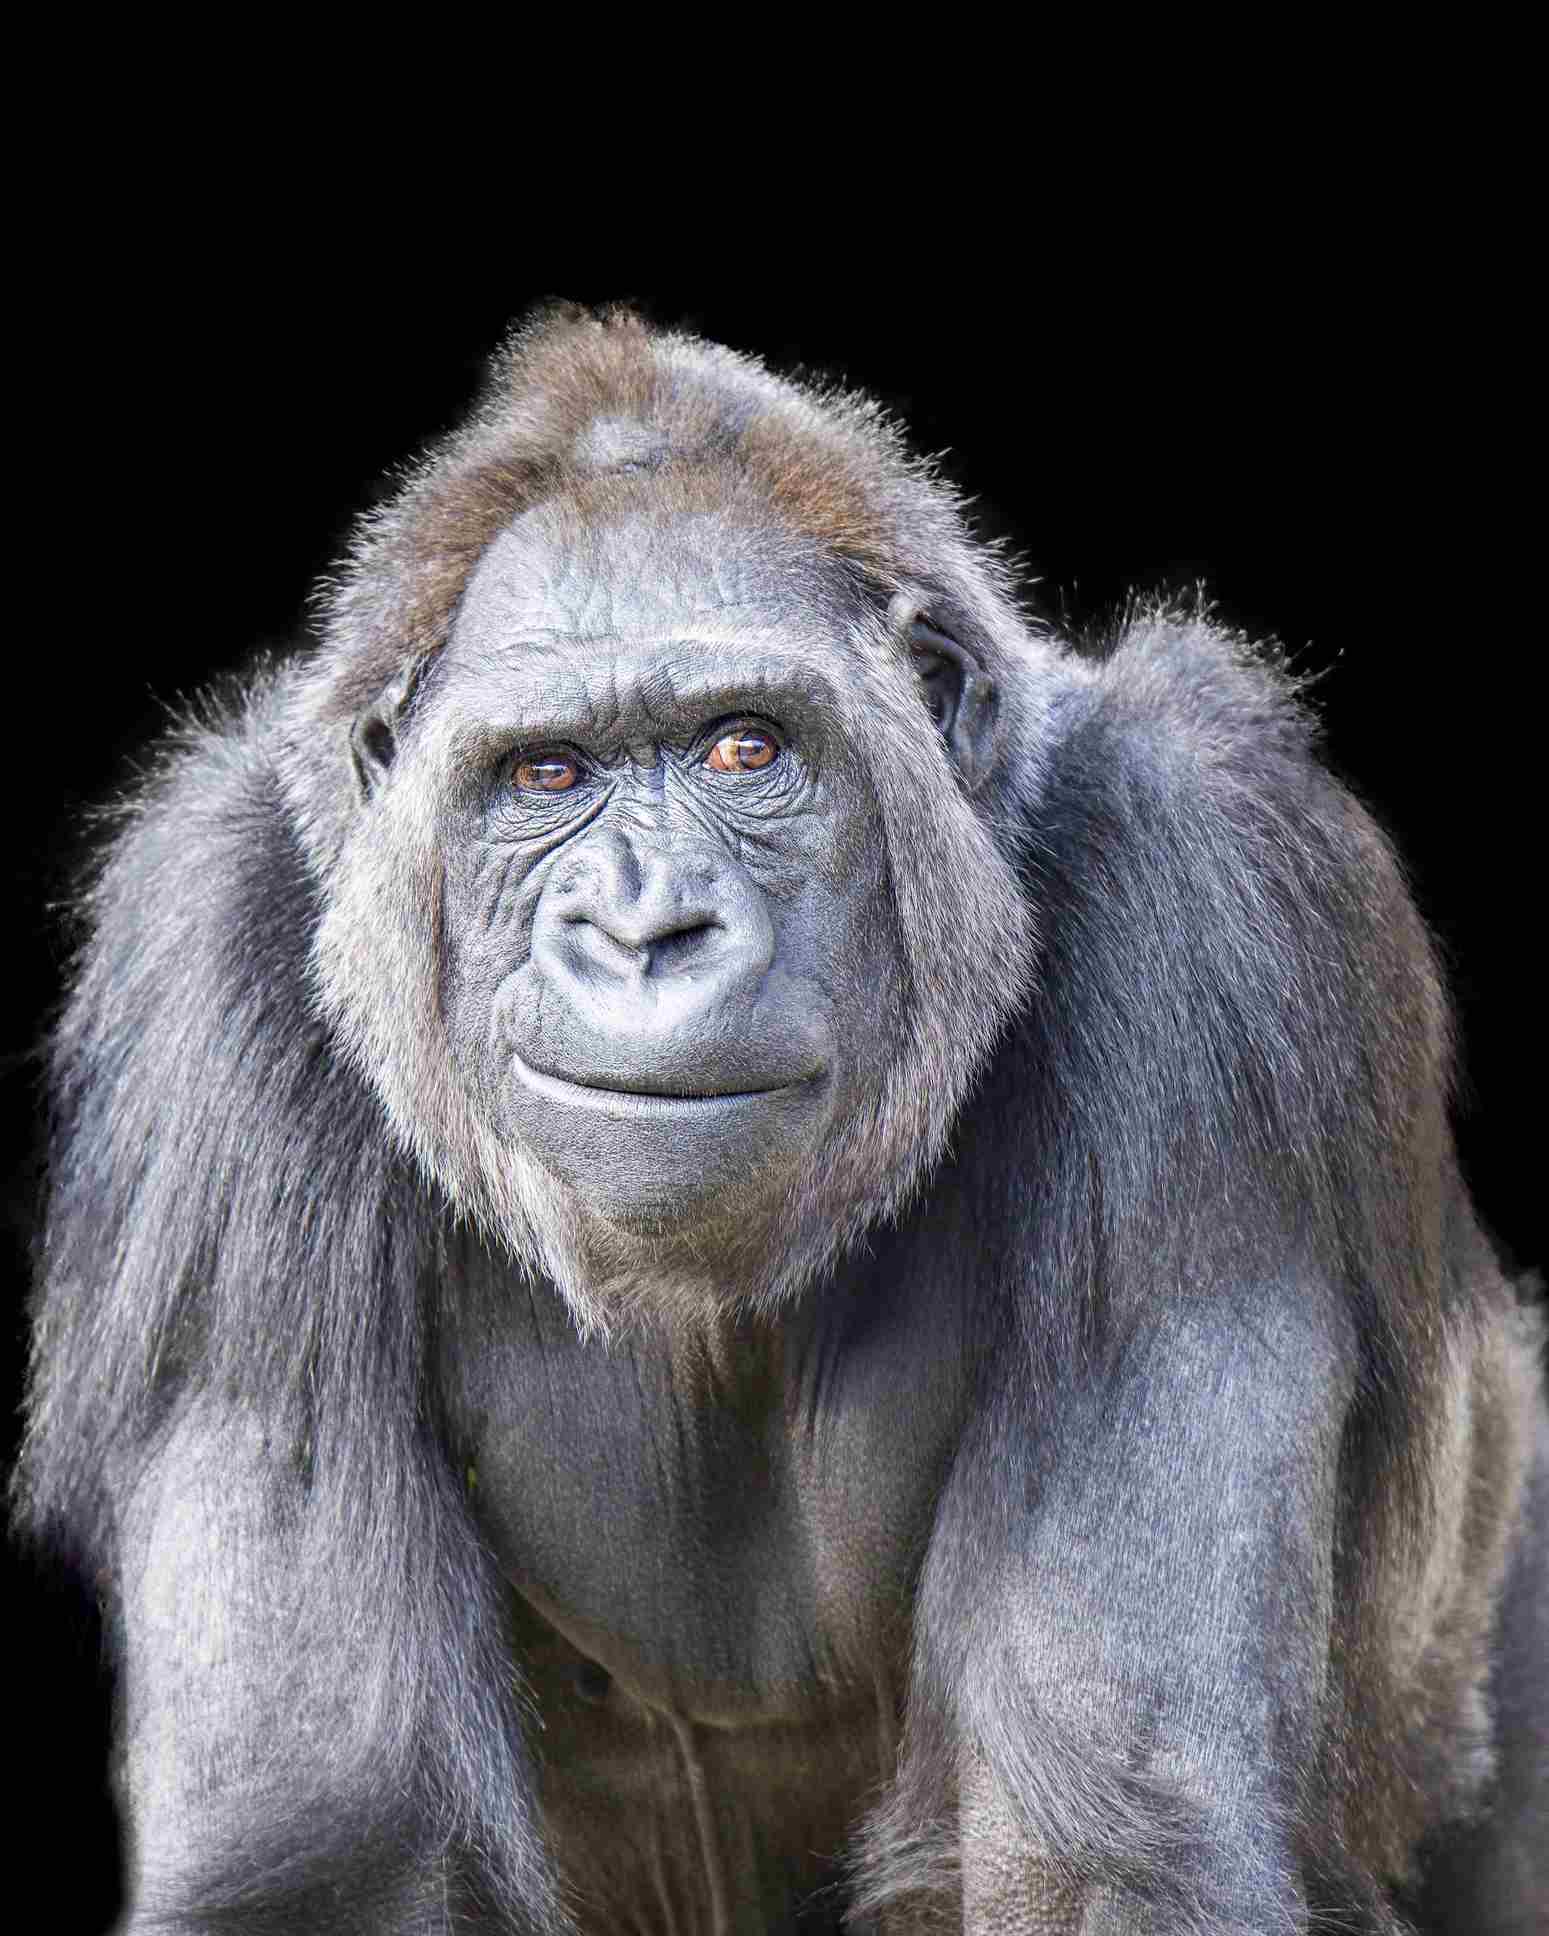 gorilla looking towards its left